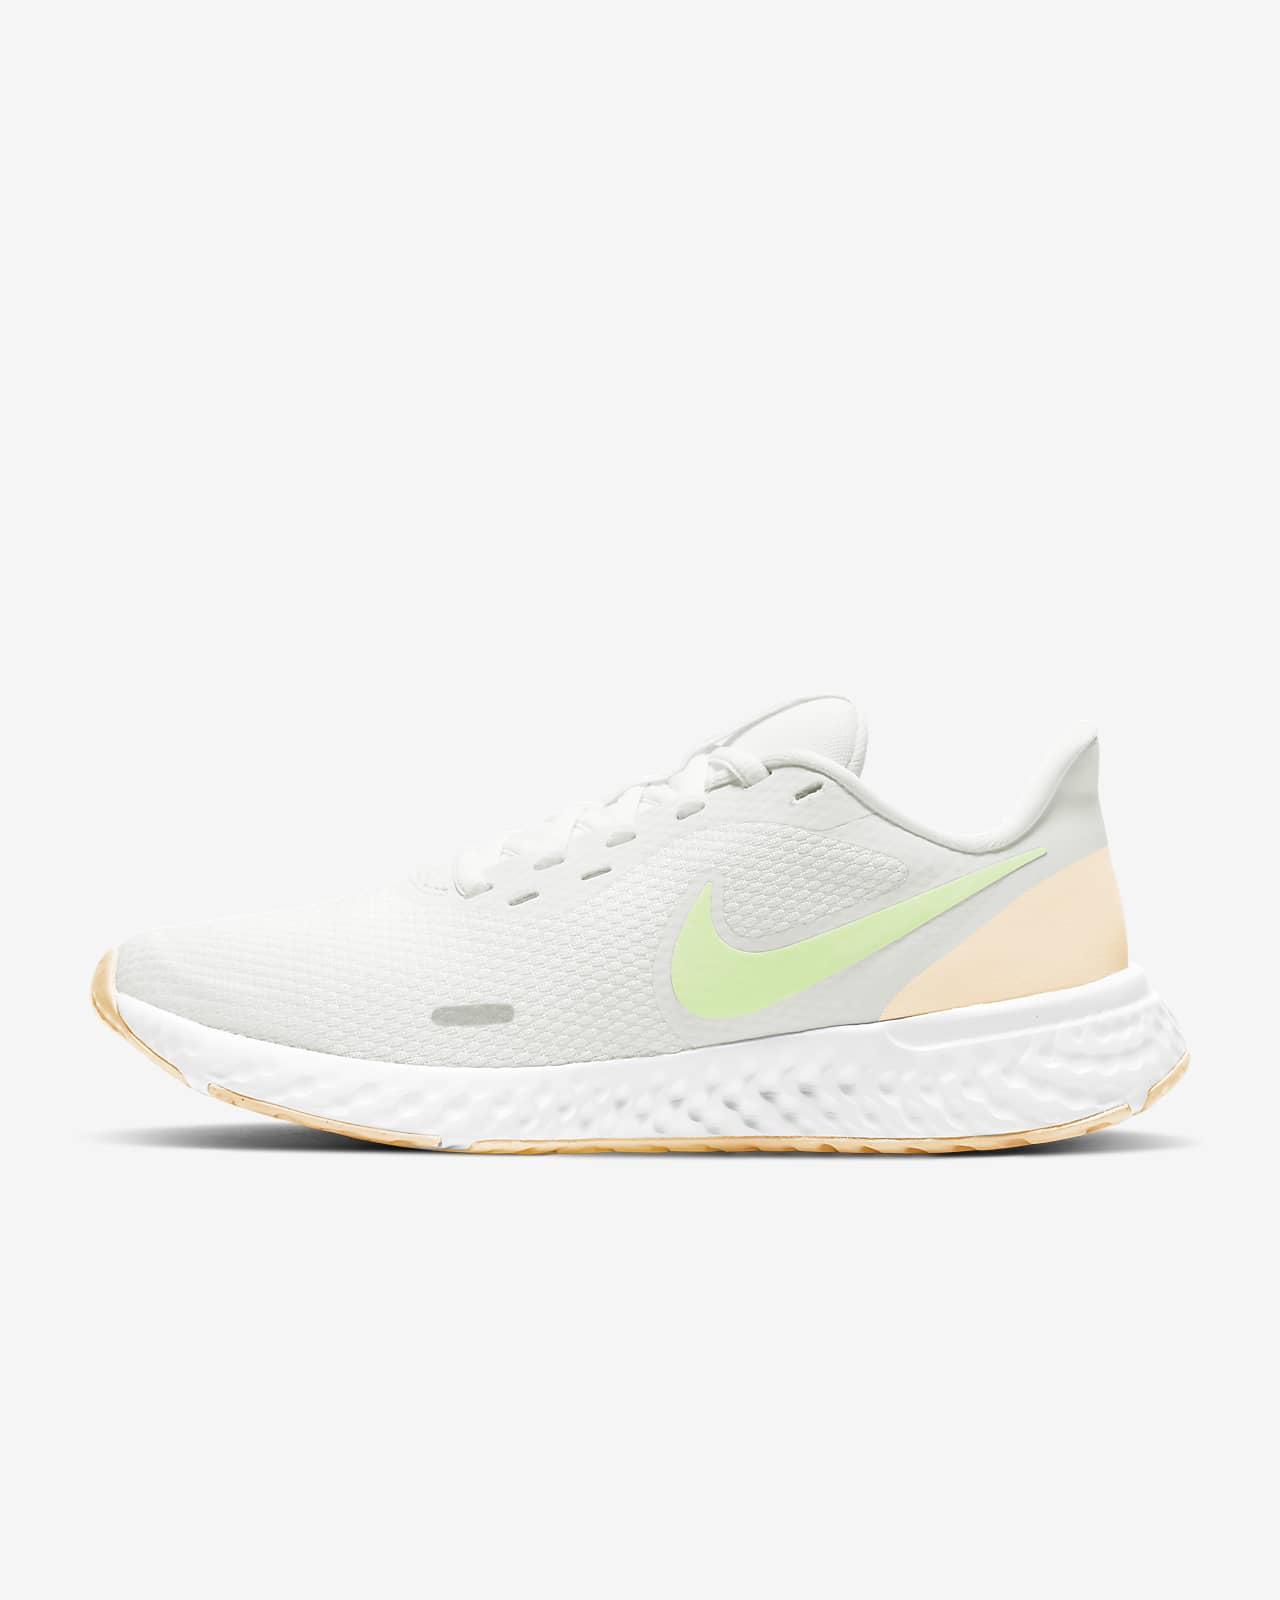 nike revolution 5 women's running shoes